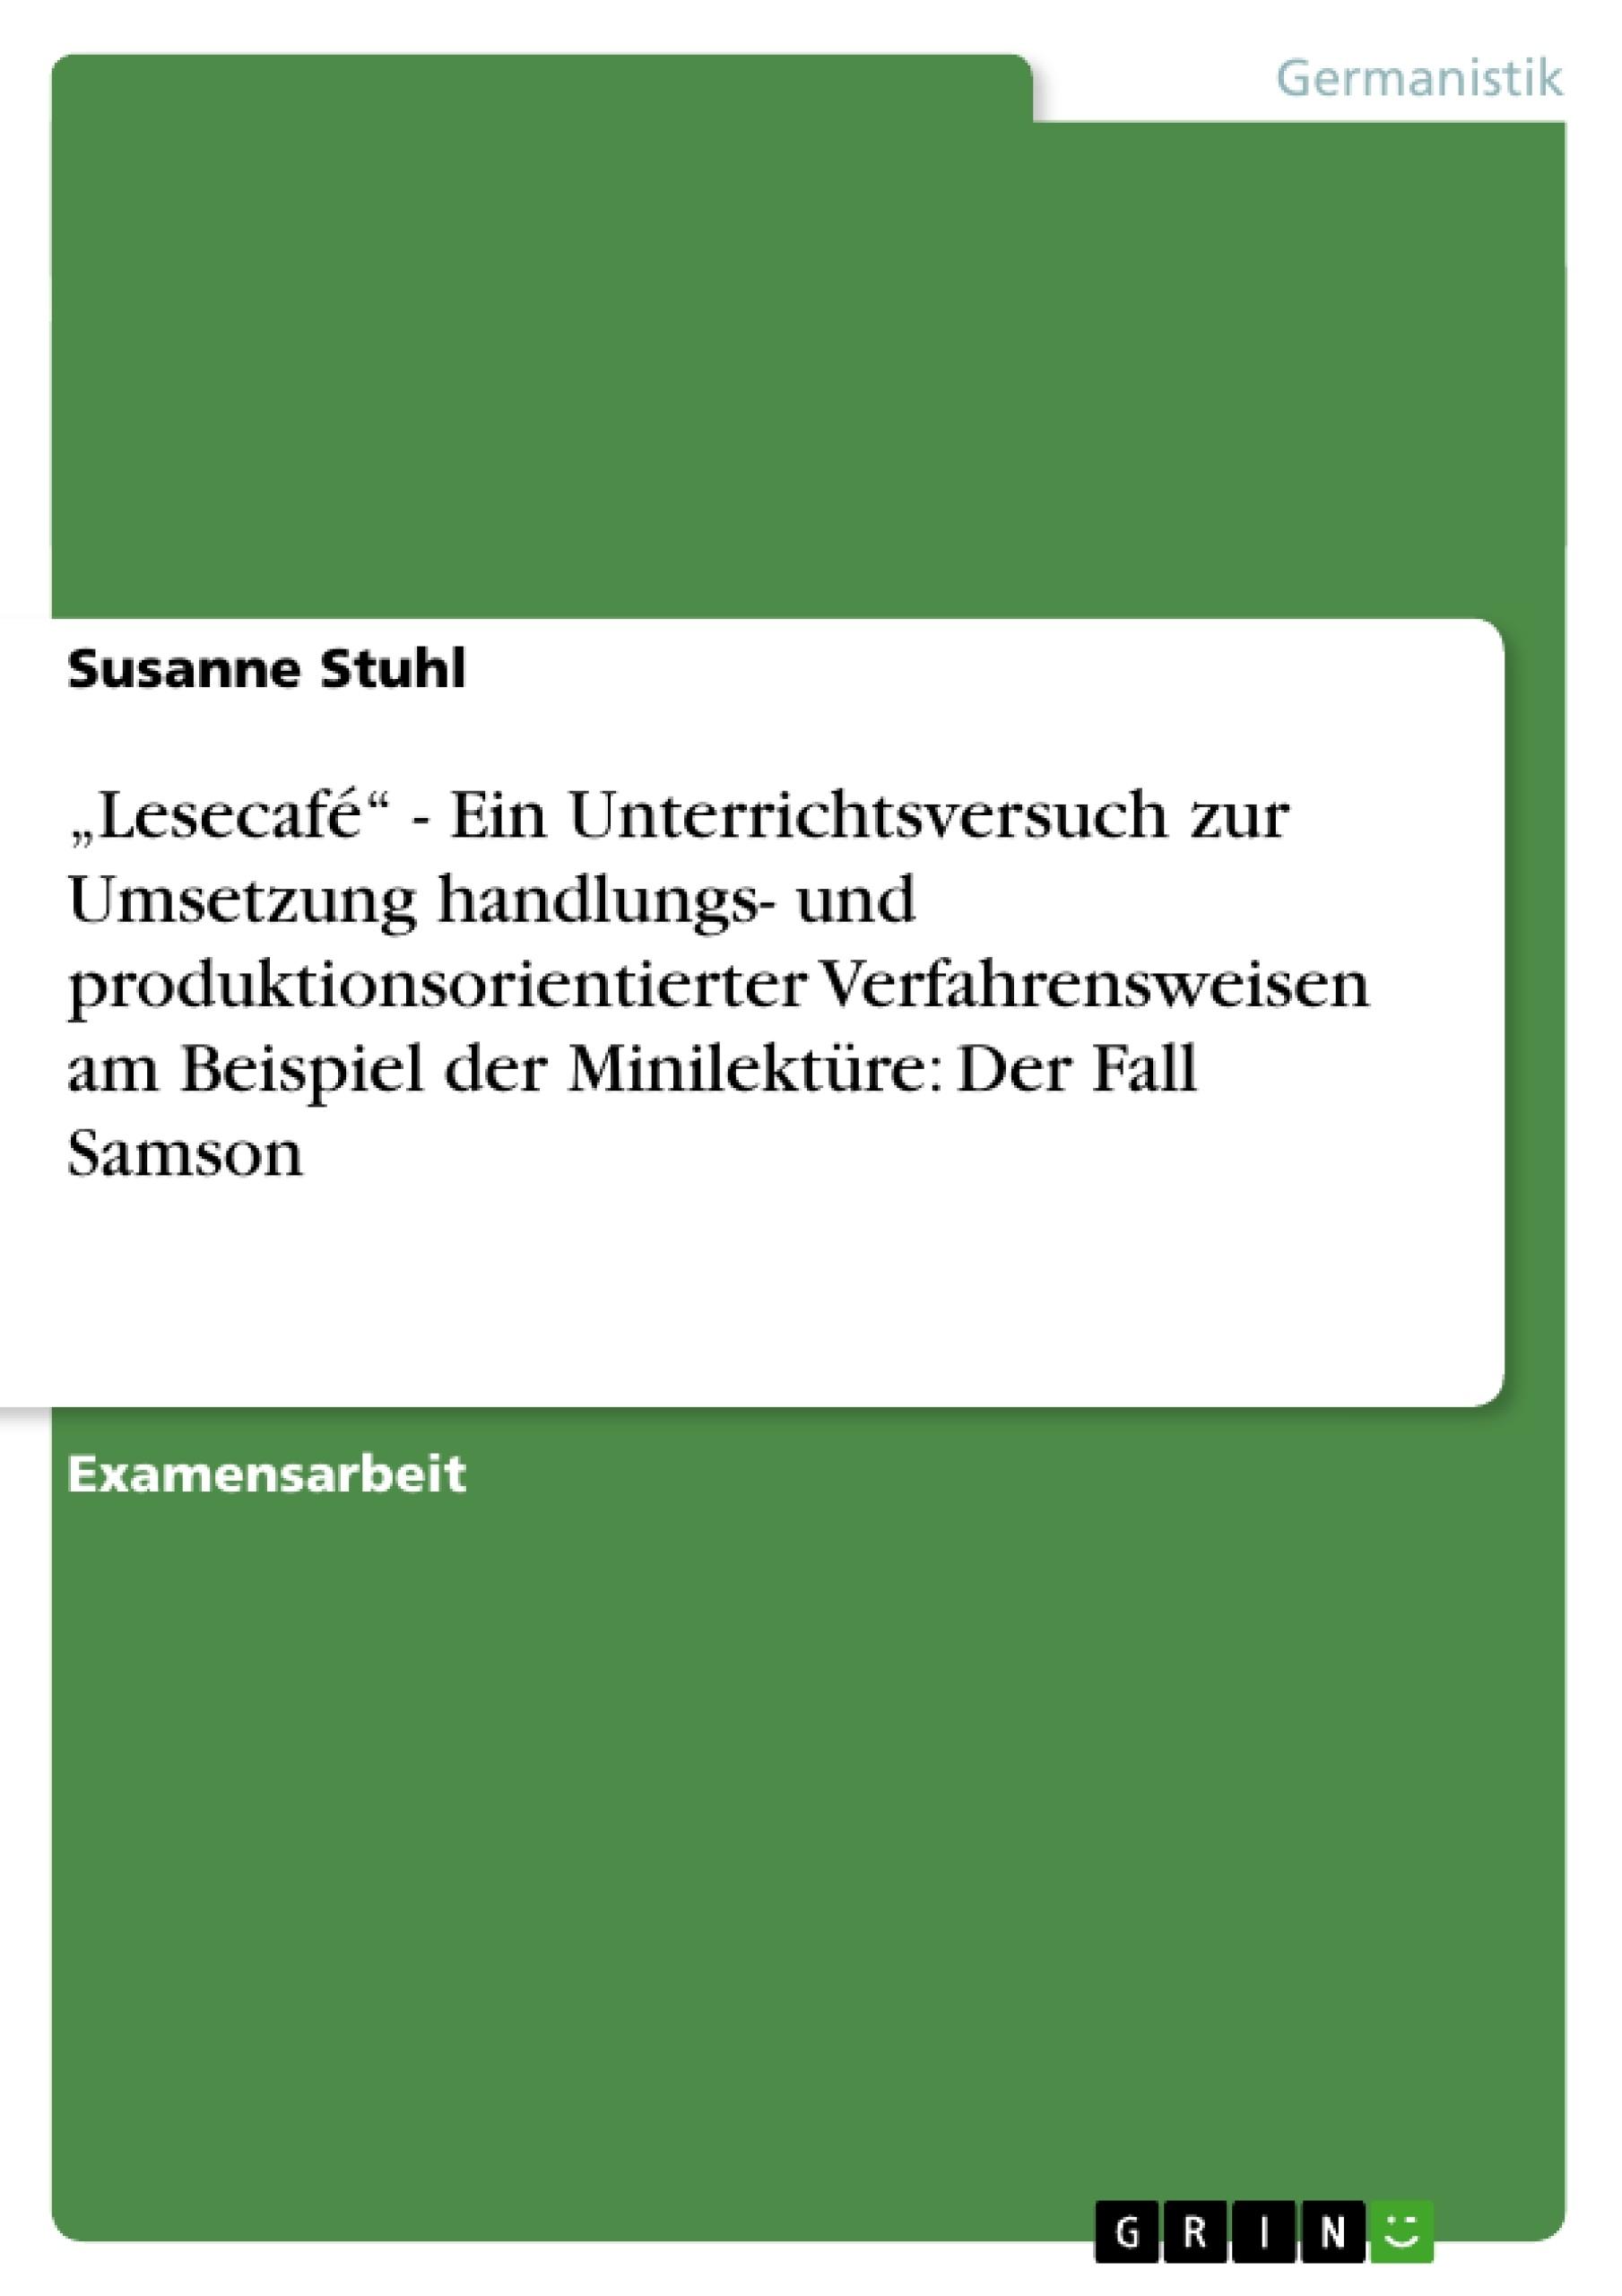 """Titel: """"Lesecafé"""" - Ein Unterrichtsversuch zur Umsetzung handlungs- und produktionsorientierter Verfahrensweisen am Beispiel der Minilektüre: Der Fall Samson"""